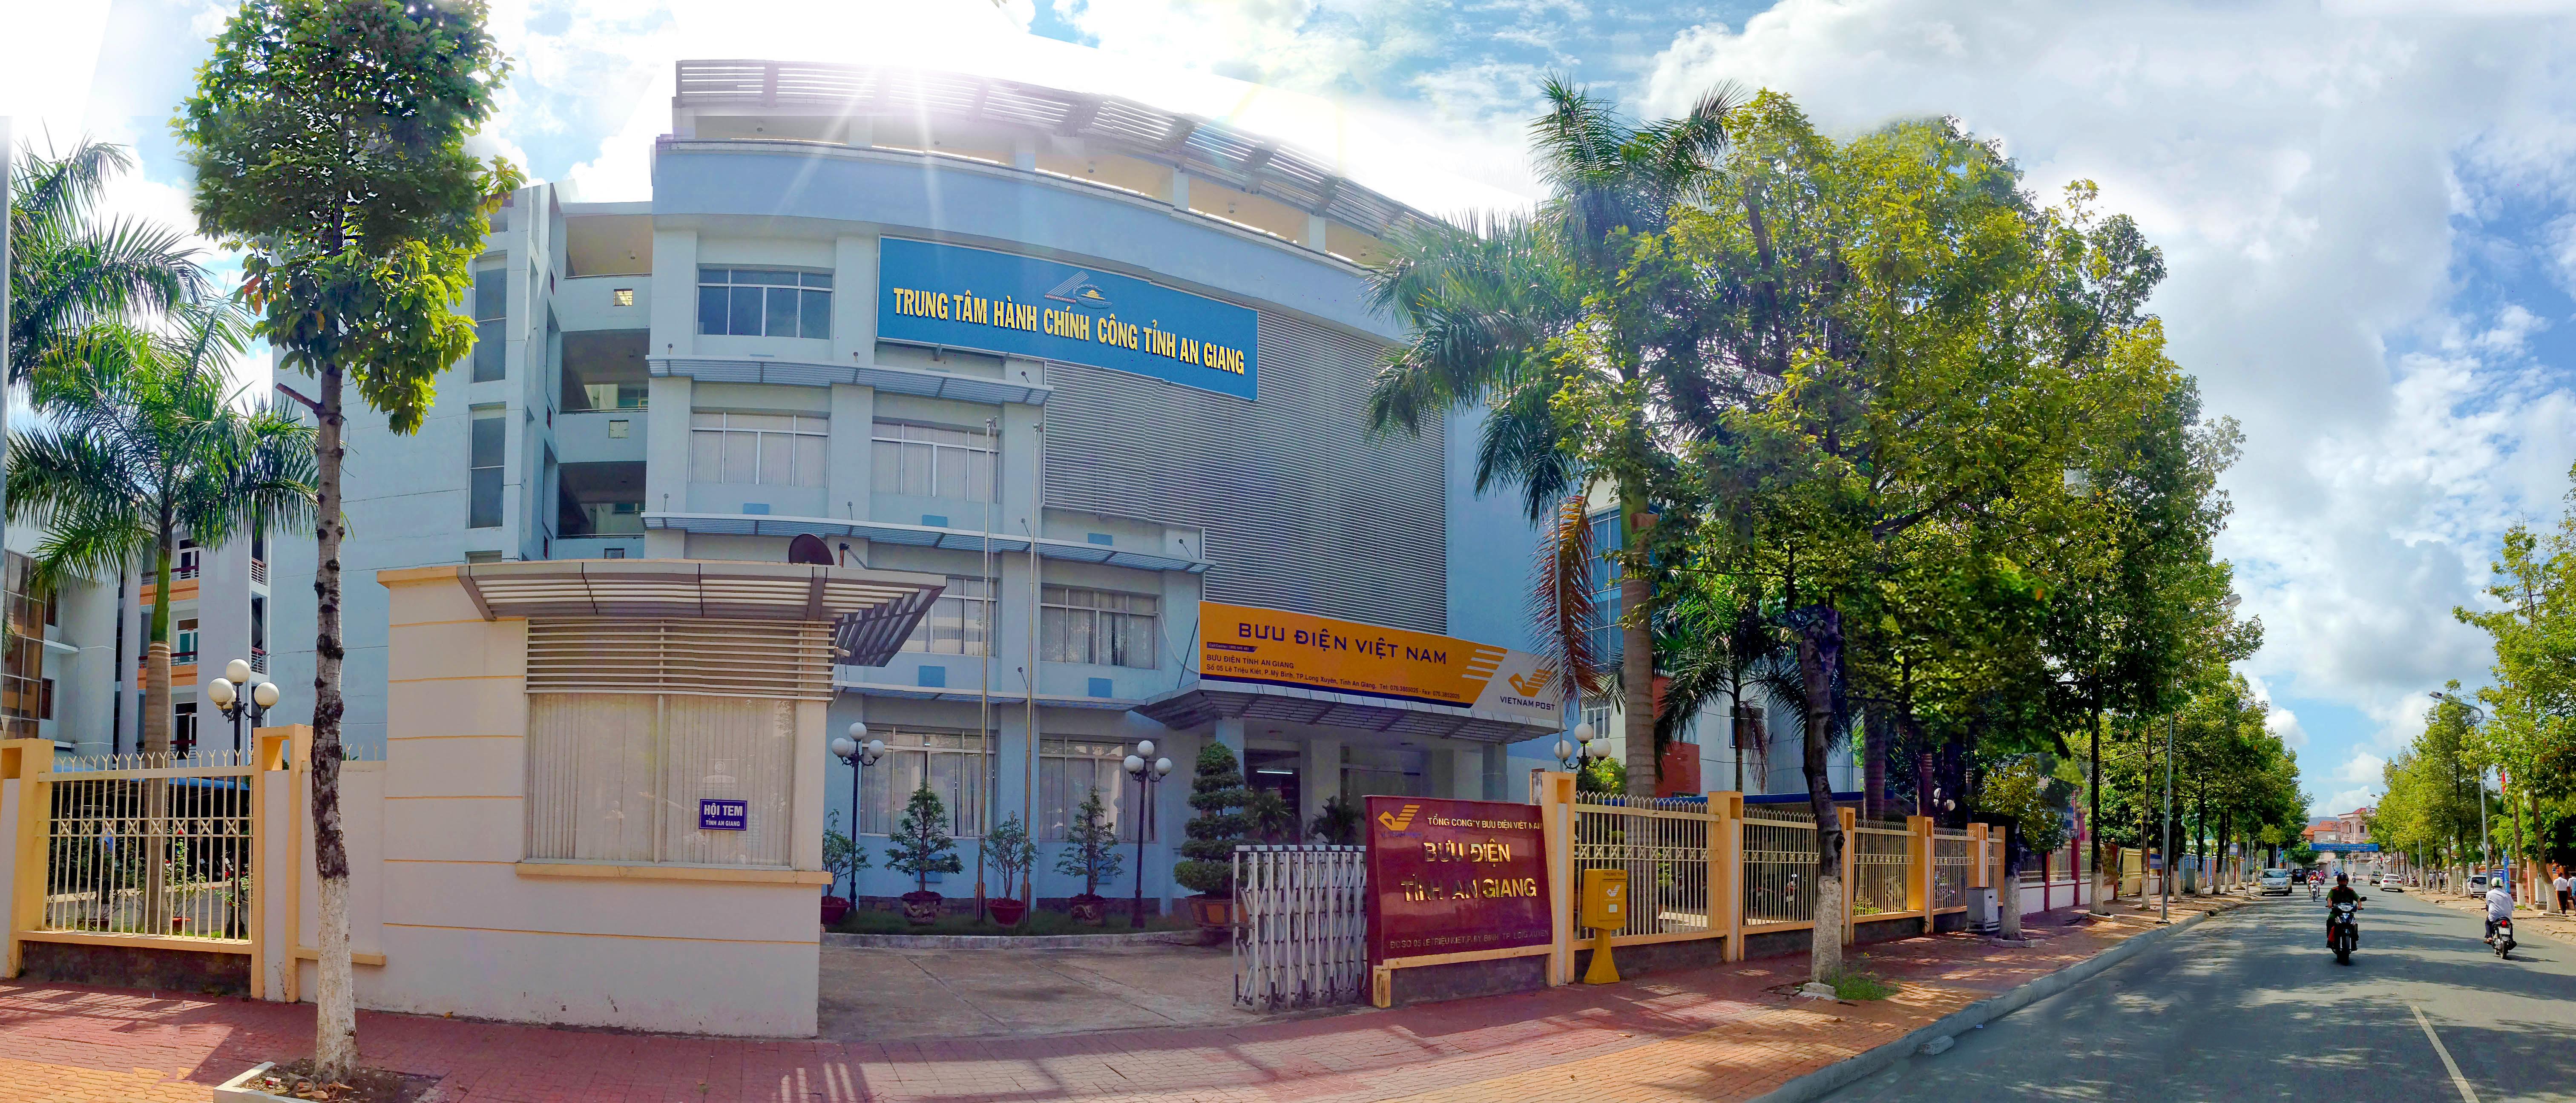 Trung tâm Hành chính công tỉnh An Giang